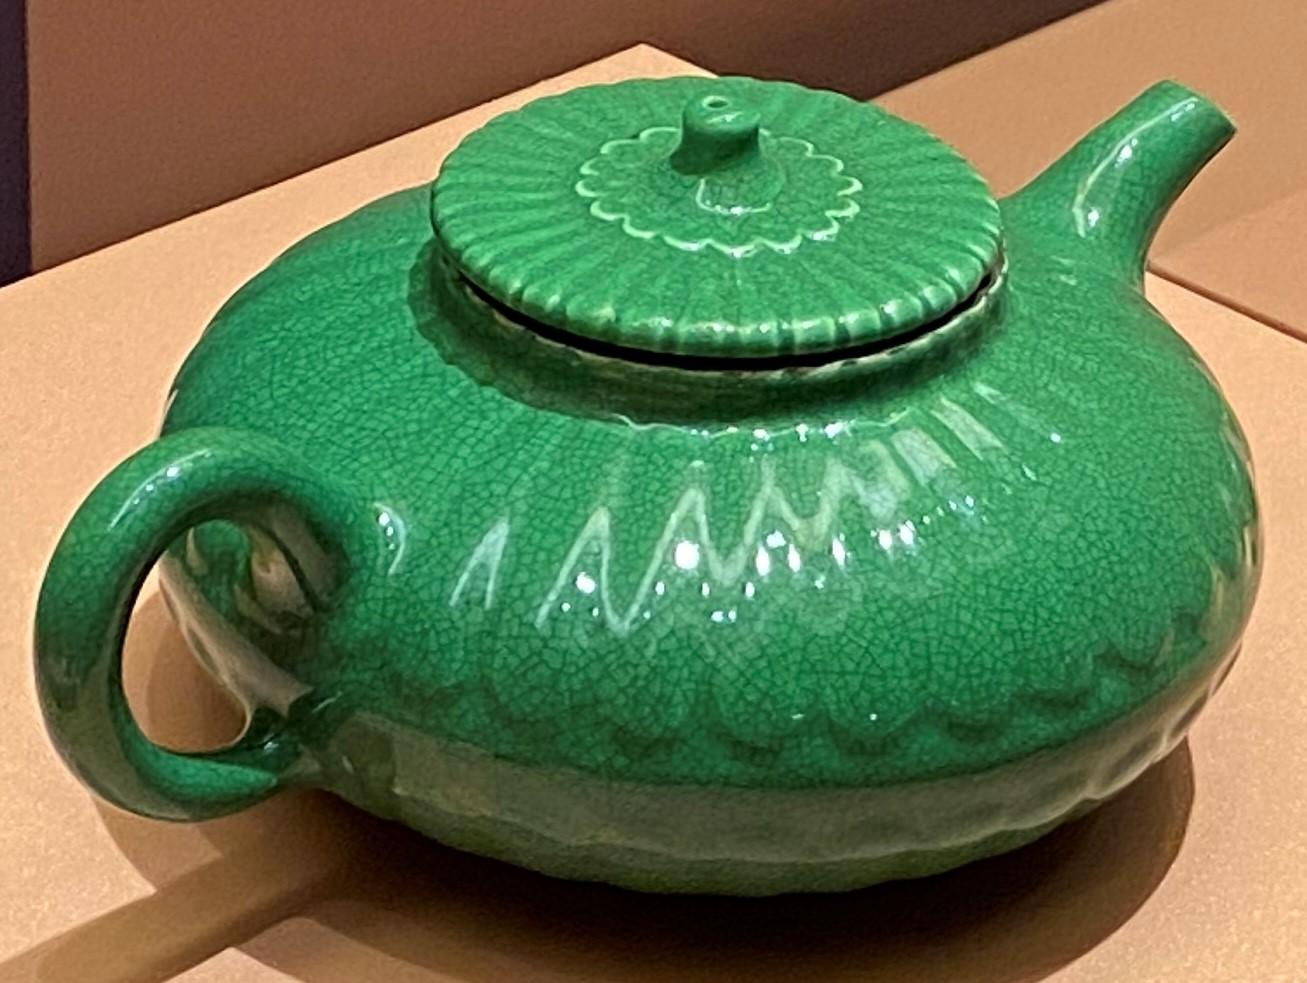 雍正魚子綠釉菊瓣紋茶壺-清時代-特別展【食味人間】四川博物院・中国国家博物館